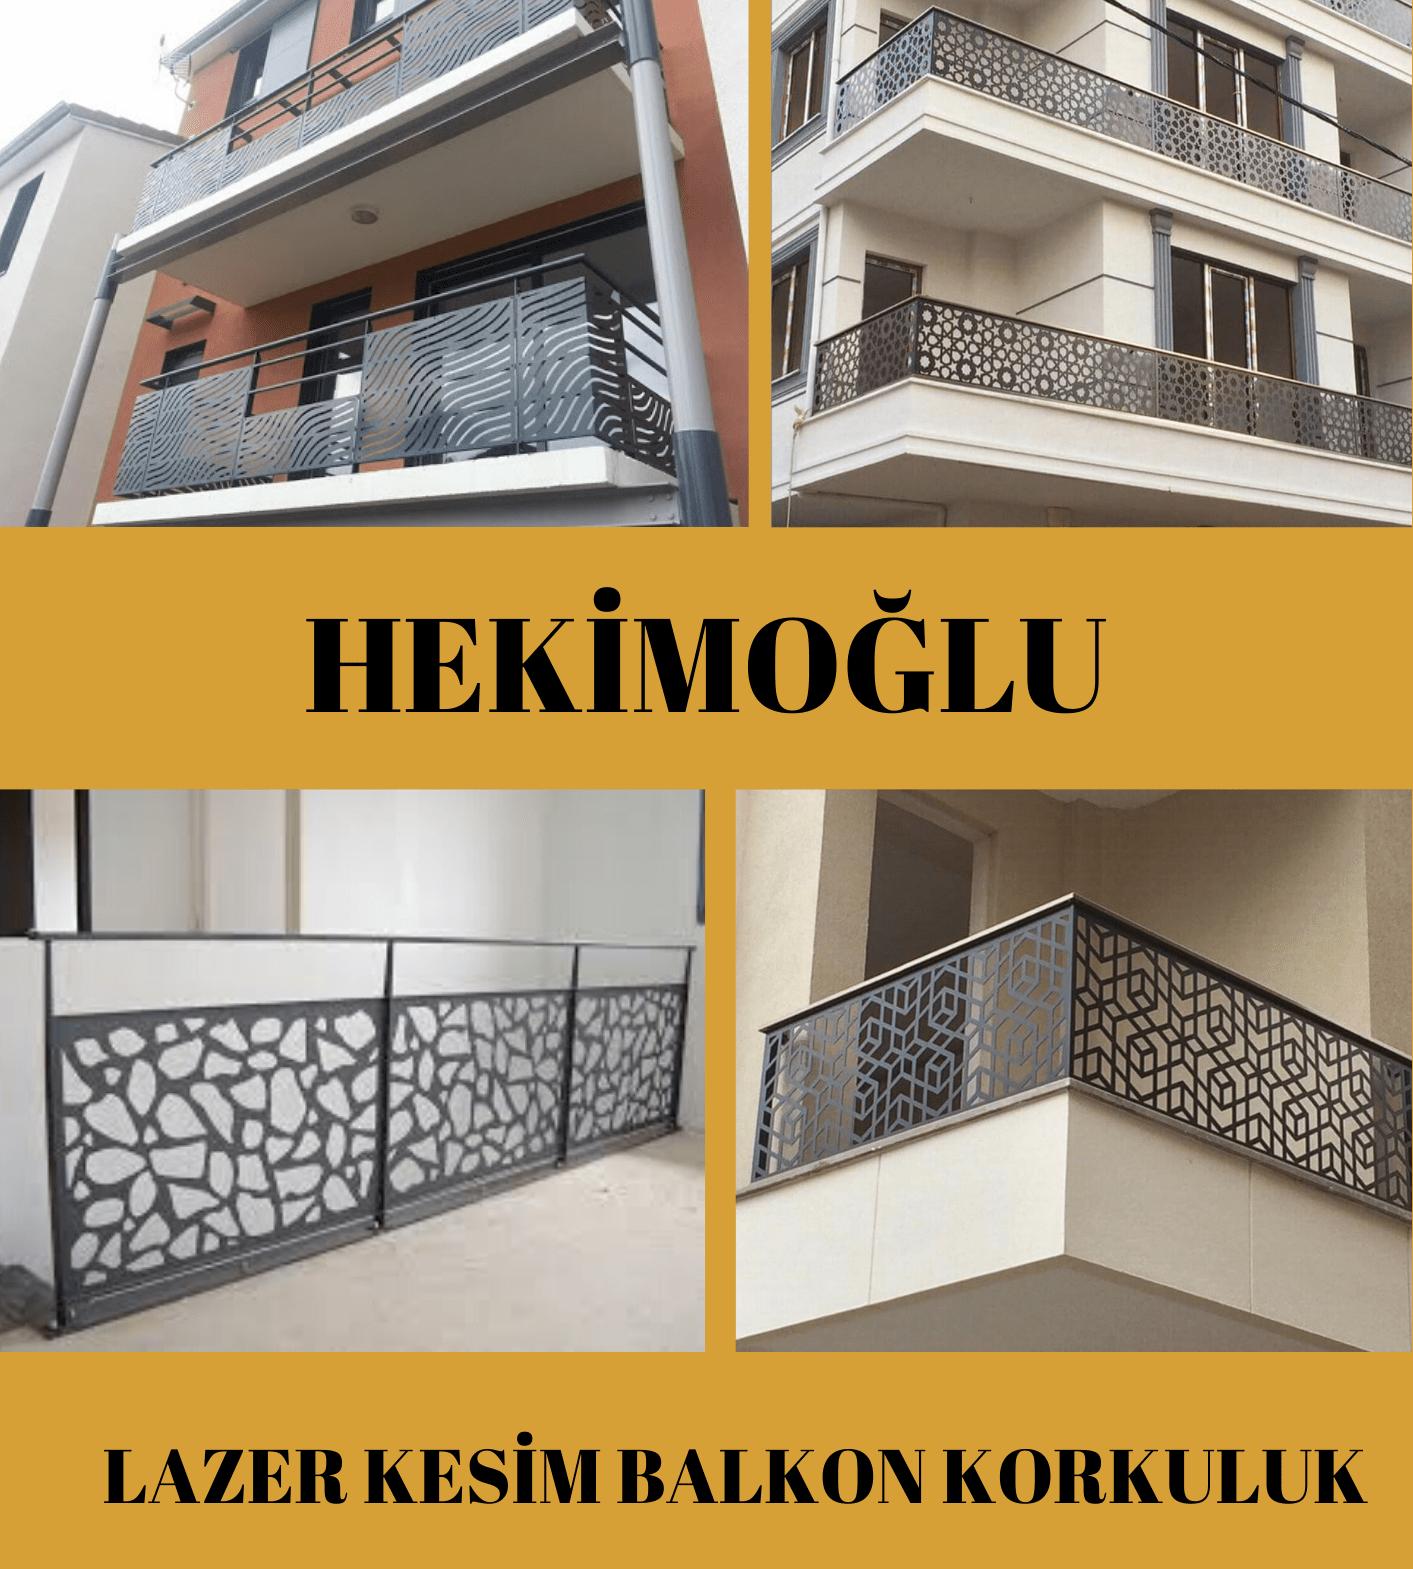 Lazer kesim balkon korkuluk İzmir modelleri